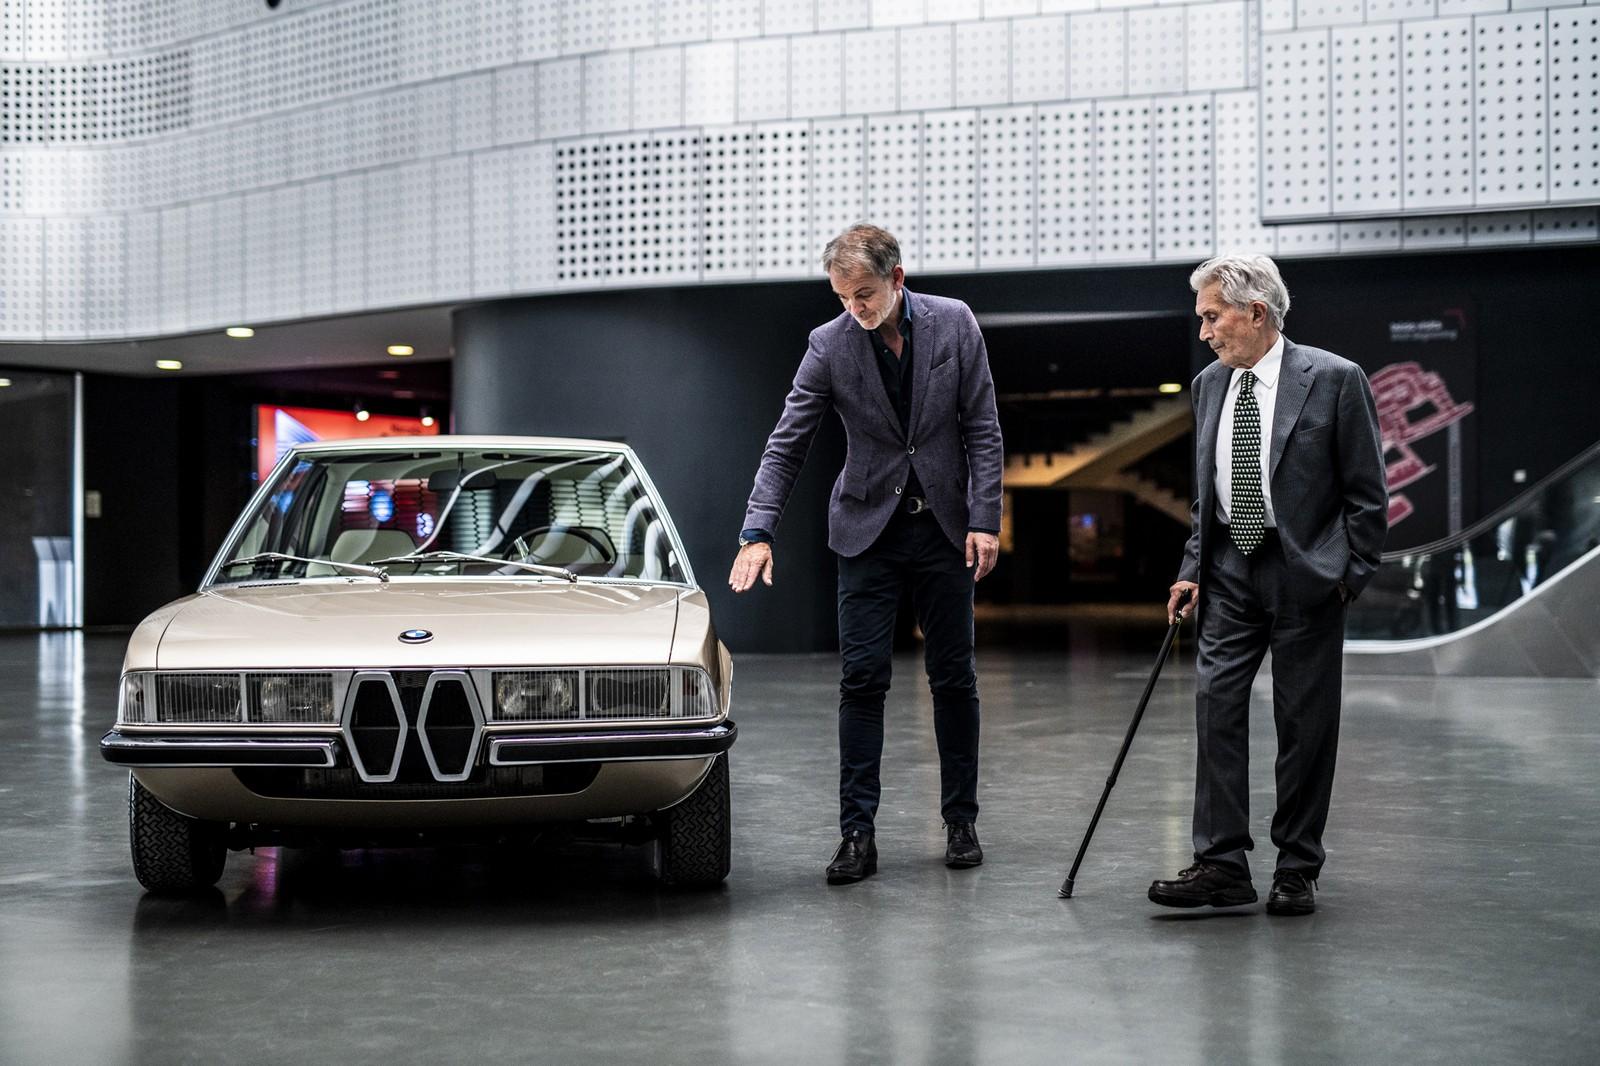 Адриан ван Хойдонк и Марчелло Гандини рассматривают воссозданное купе BMW Garmisch.